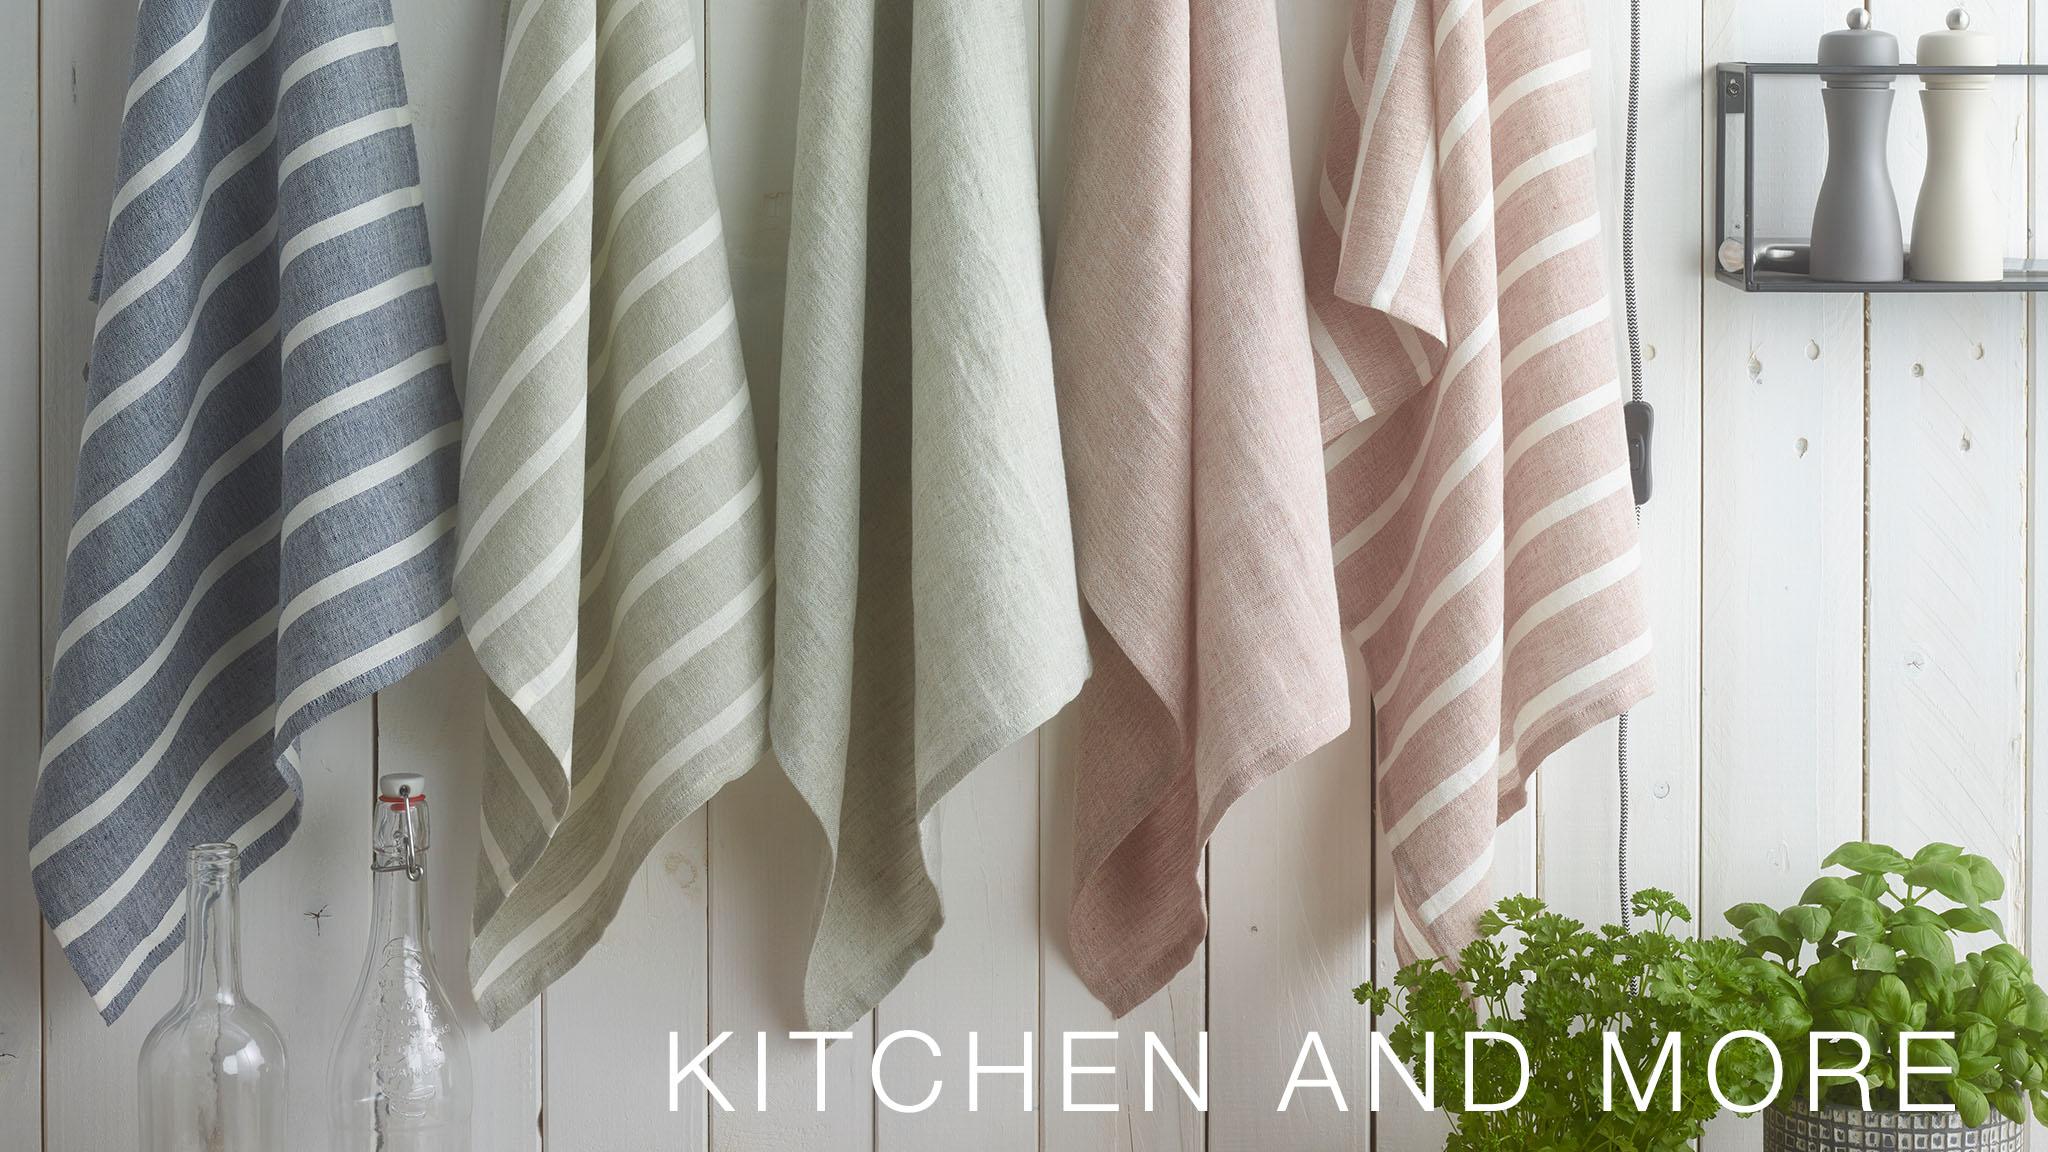 Küche&mehr_EN_2018x1152px